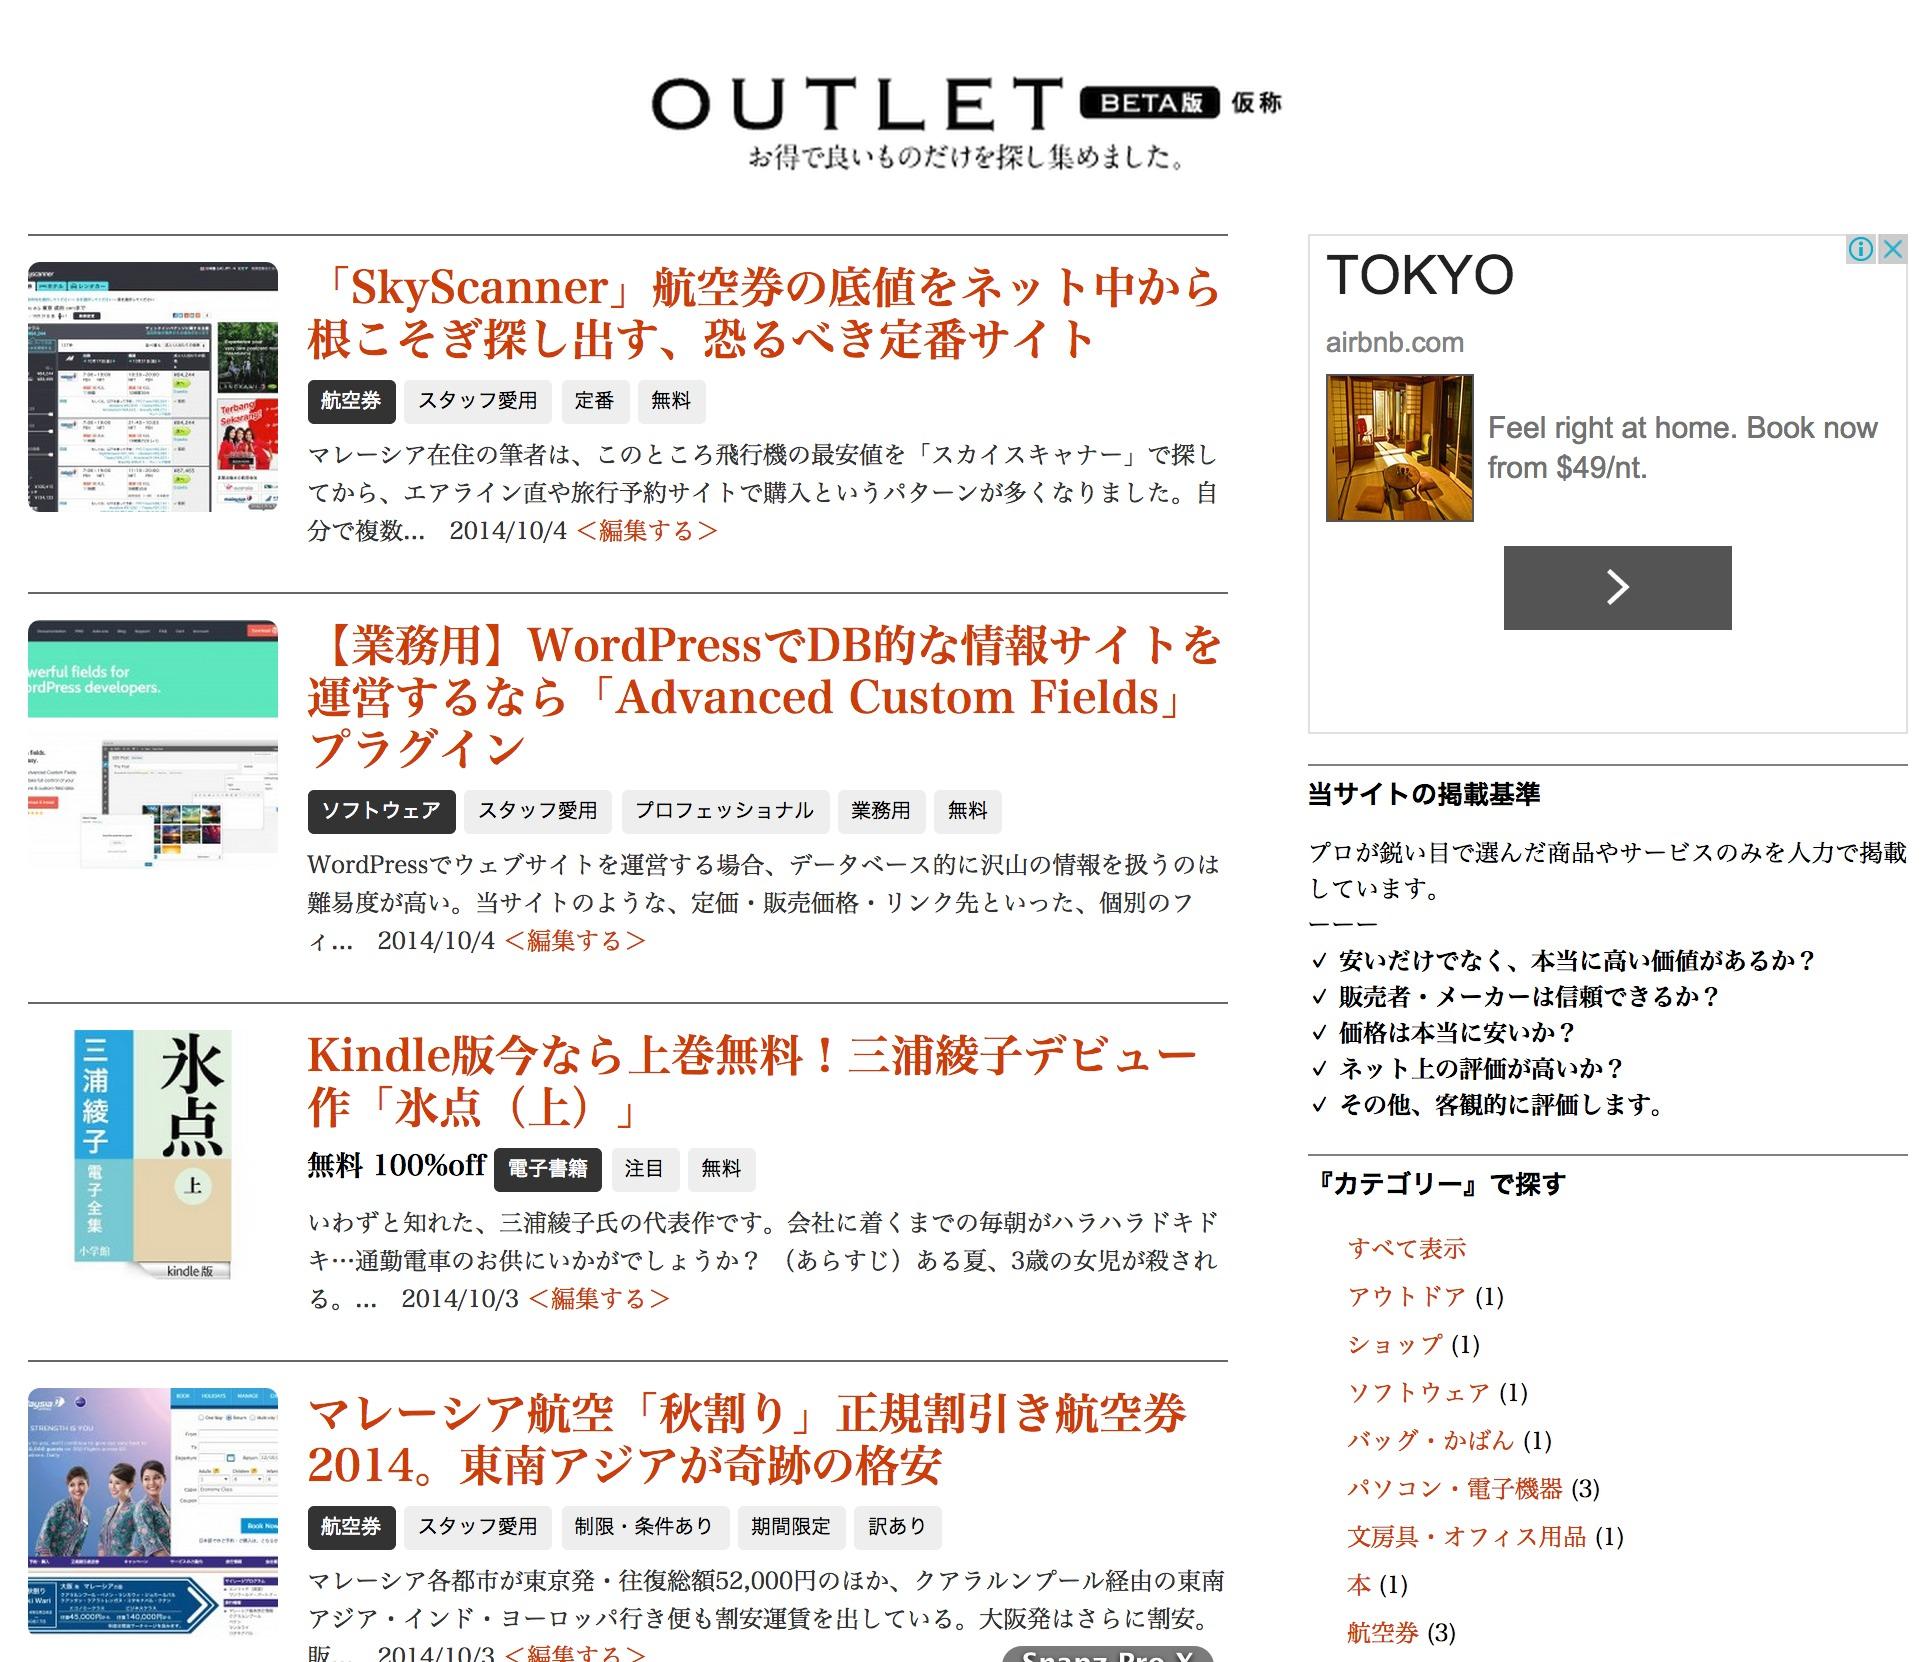 事業アイデアの実験パート1『OUTLET by 阿部書店』(仮称)